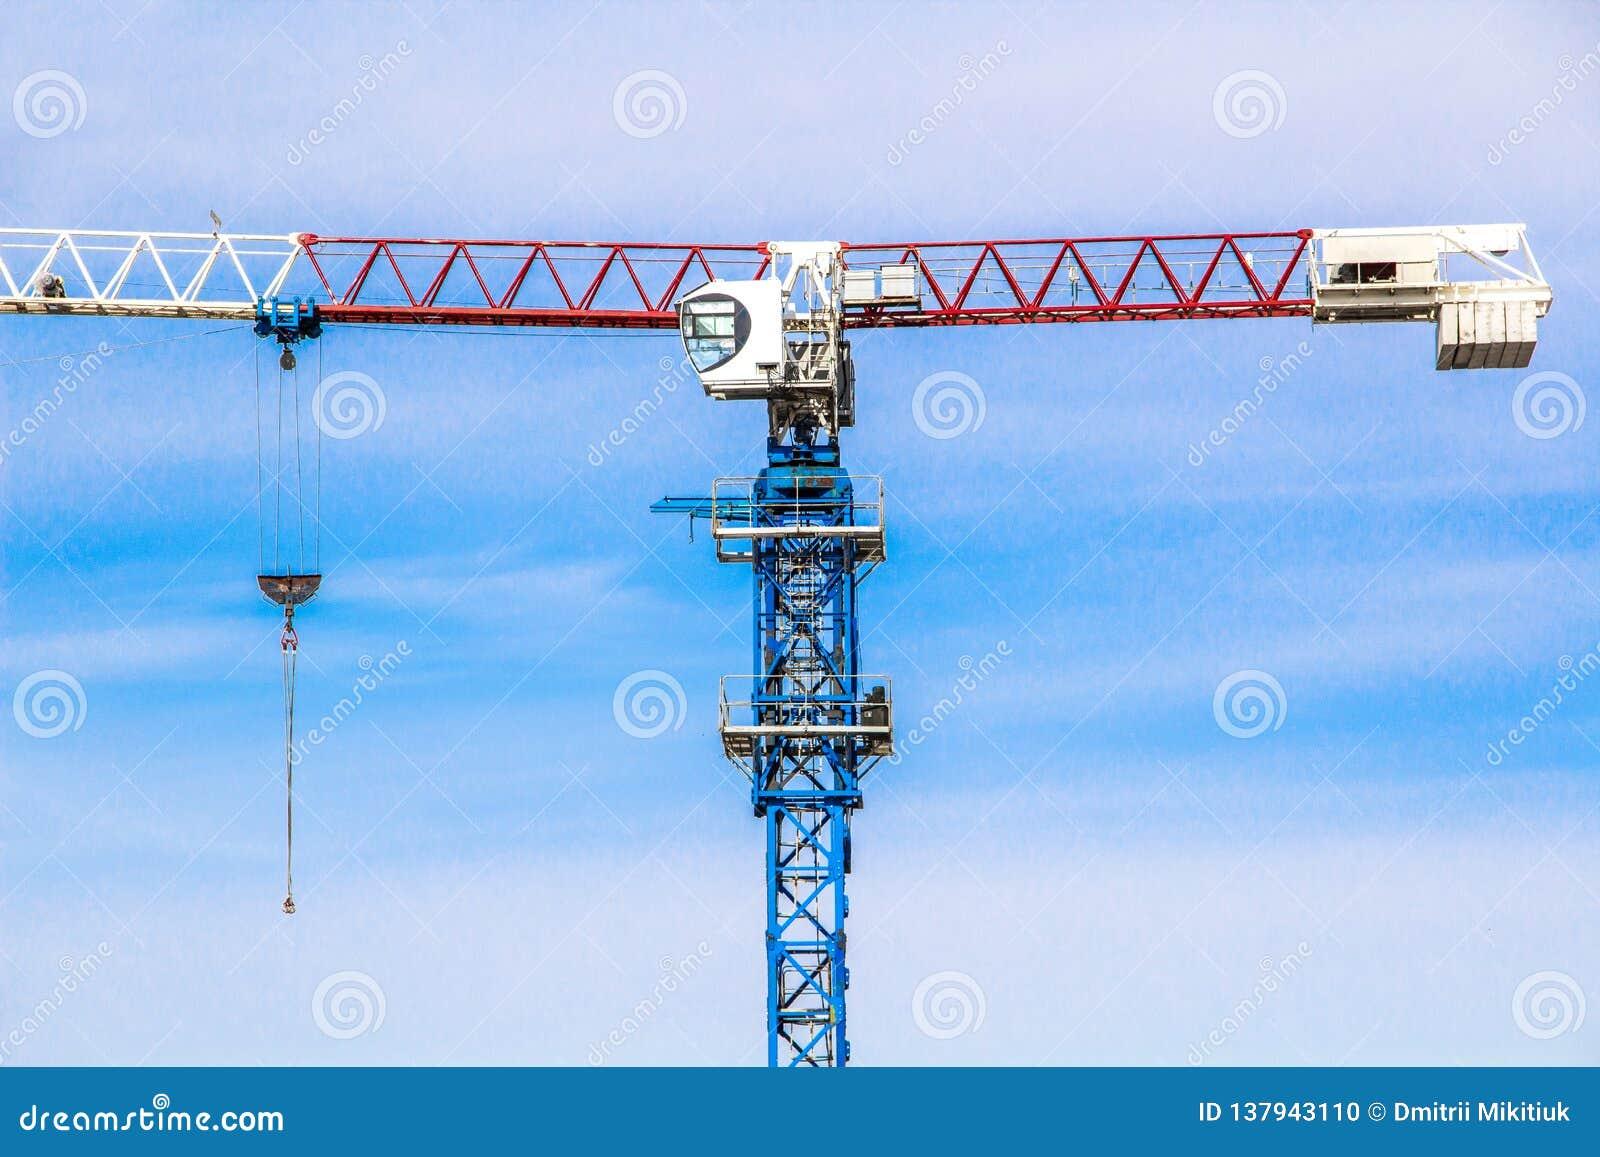 Guindaste de construção do elevador alto com cores brancas, vermelhas e azuis contra um céu azul